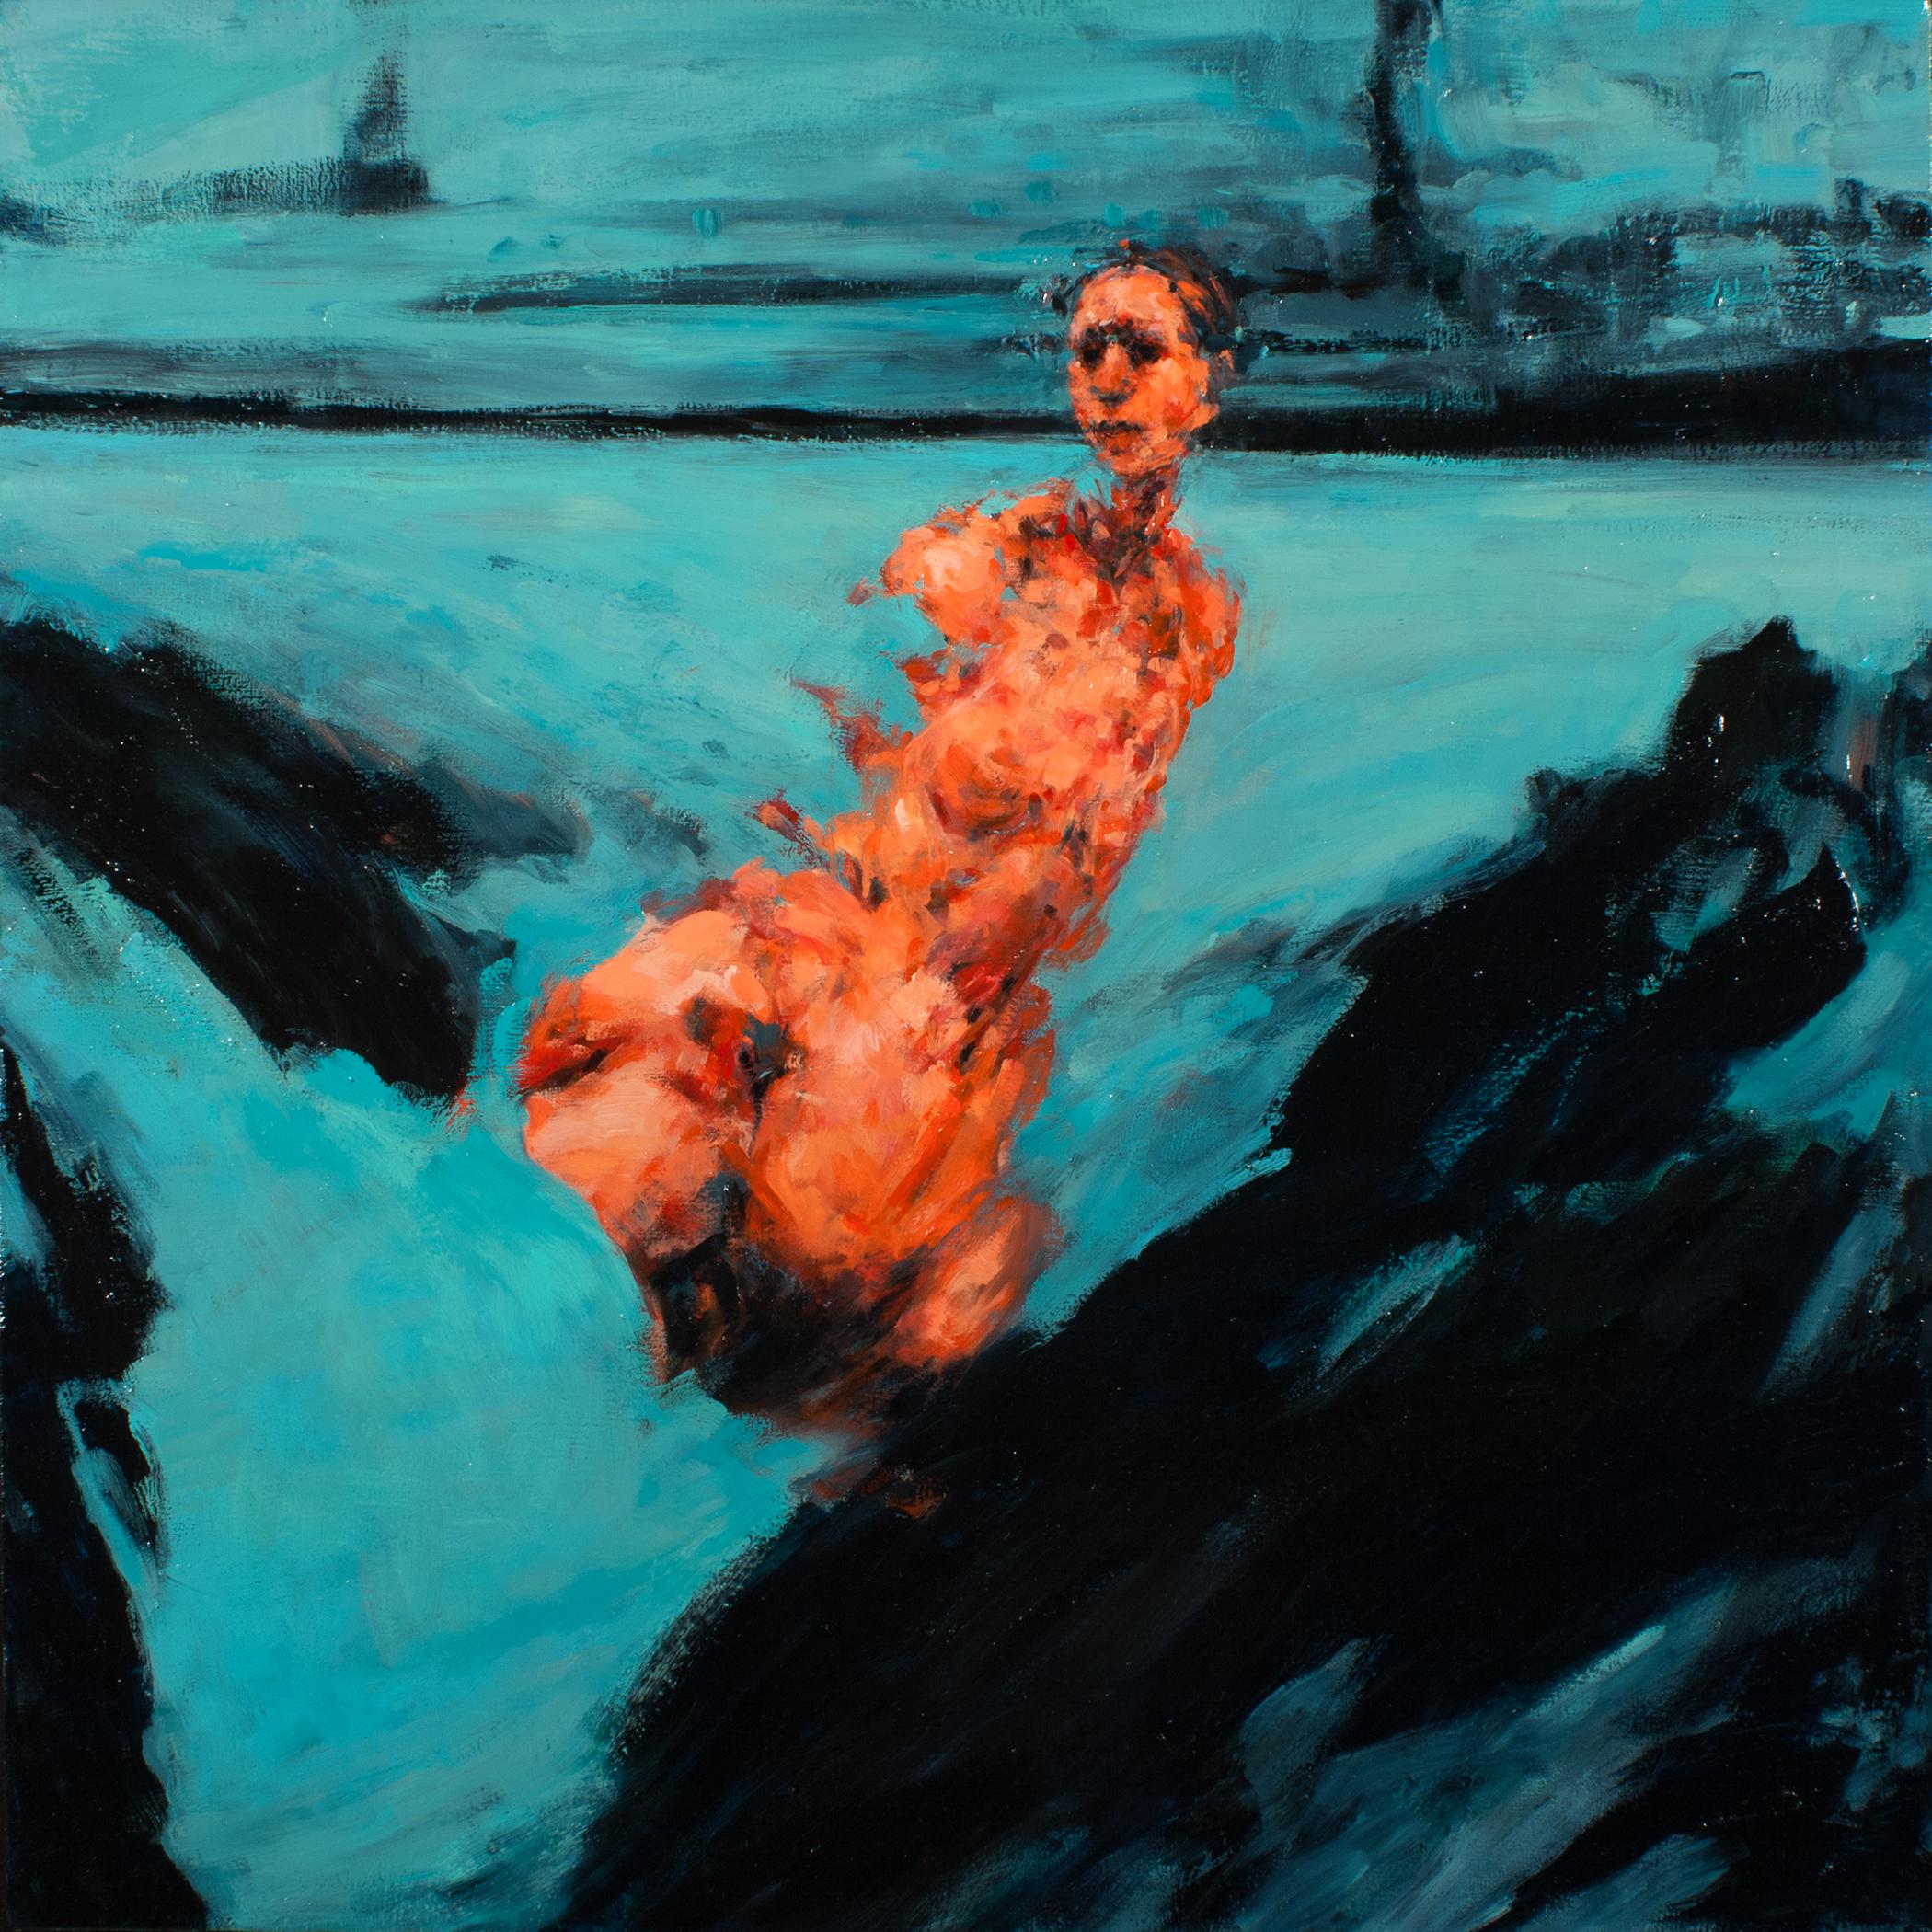 """Escape, oil on canvas, 32"""" x 32"""" x 2"""", 2013"""